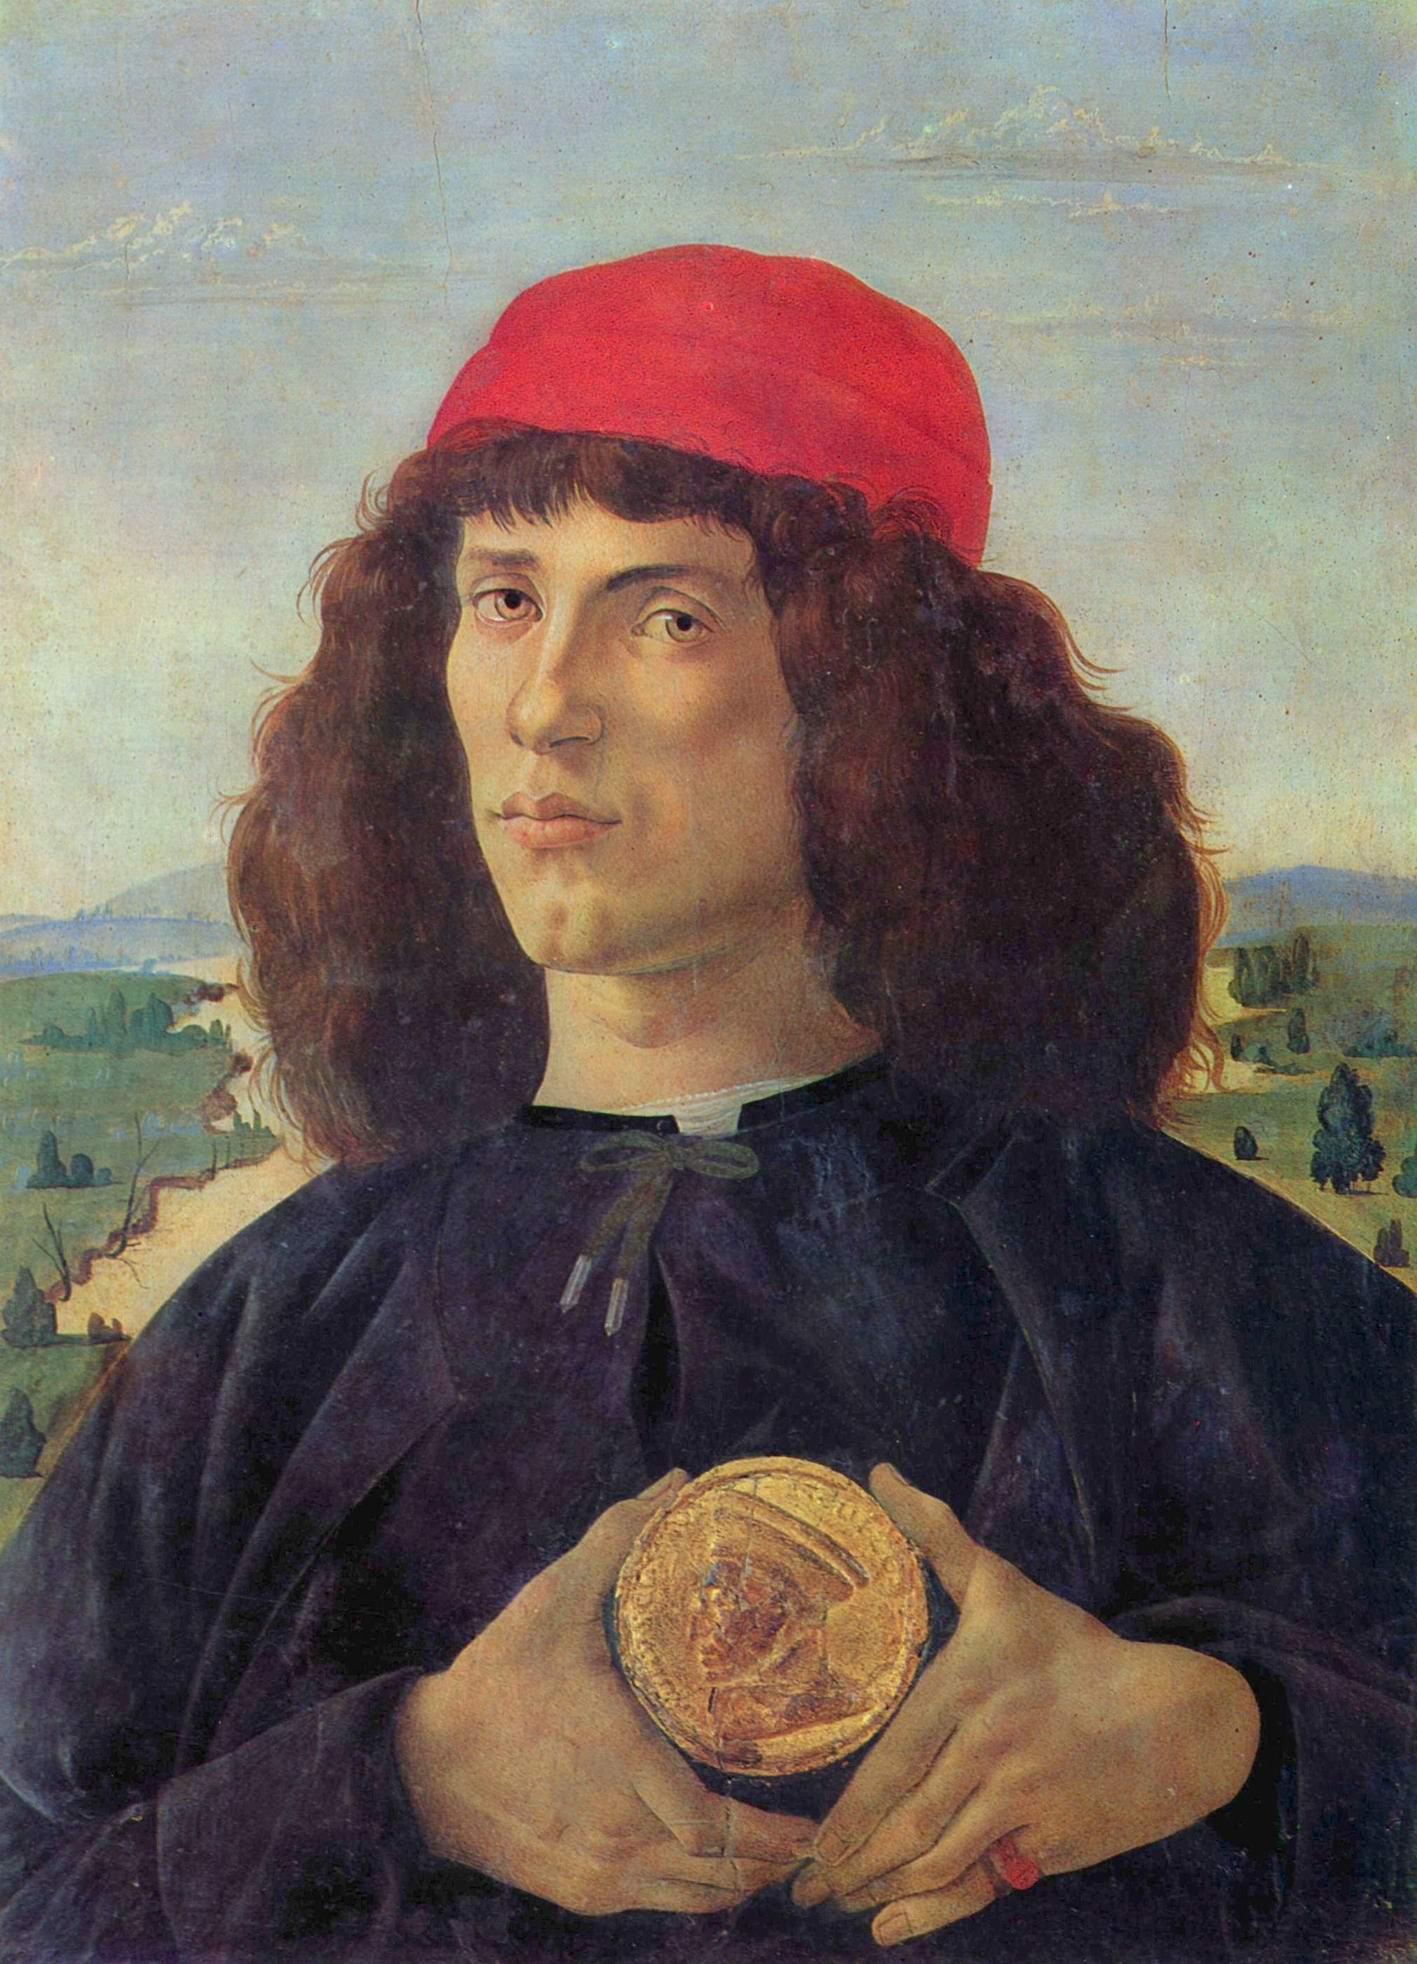 Портрет молодого человека с медалью Козимо Медичи Старшего, Сандро Боттичелли